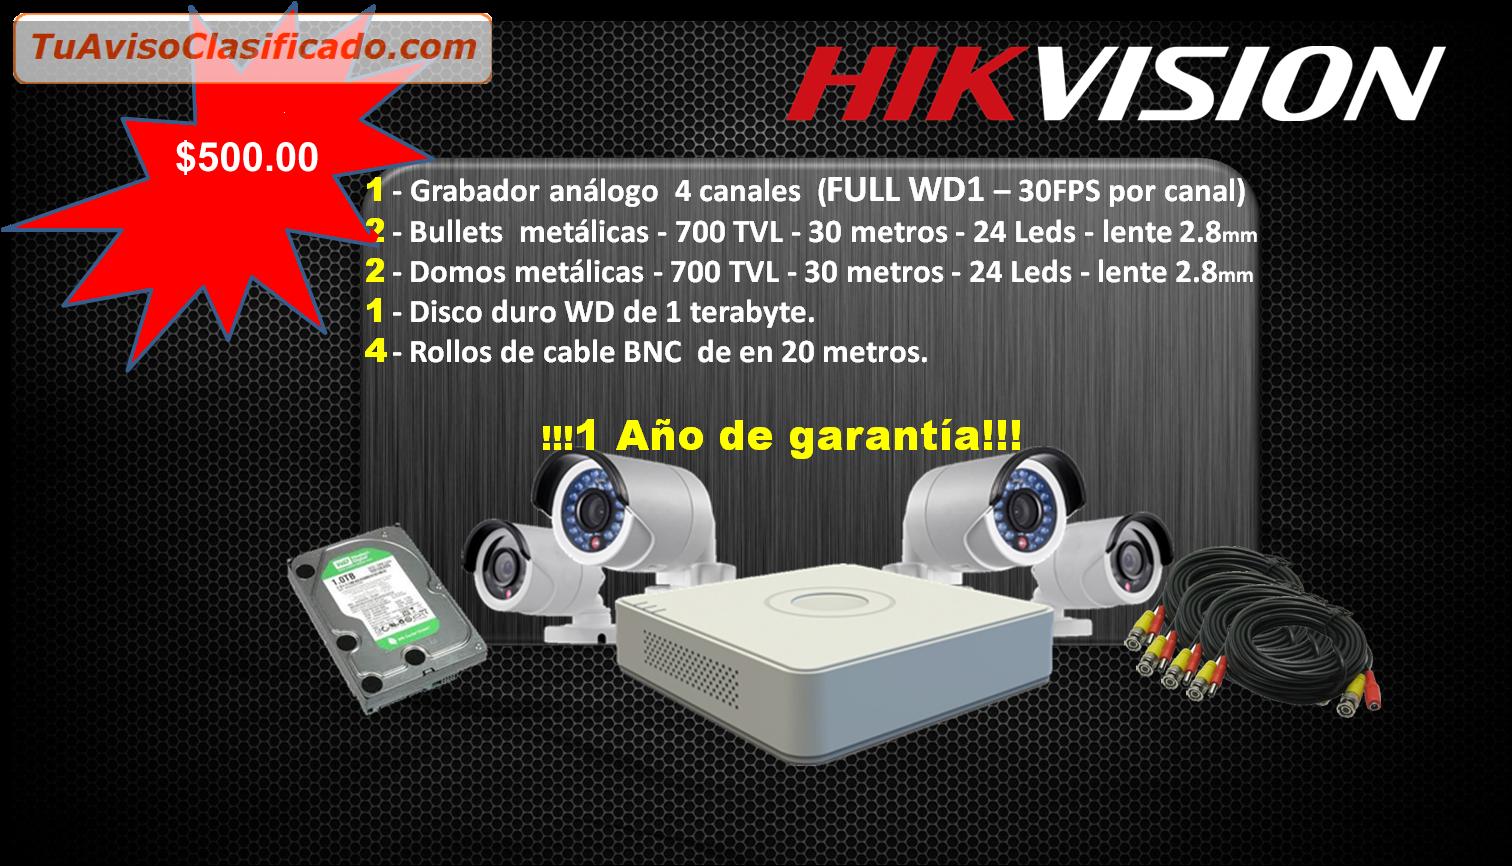 Venta e instalacion de camaras de vigilancia servicios y - Video camaras vigilancia ...